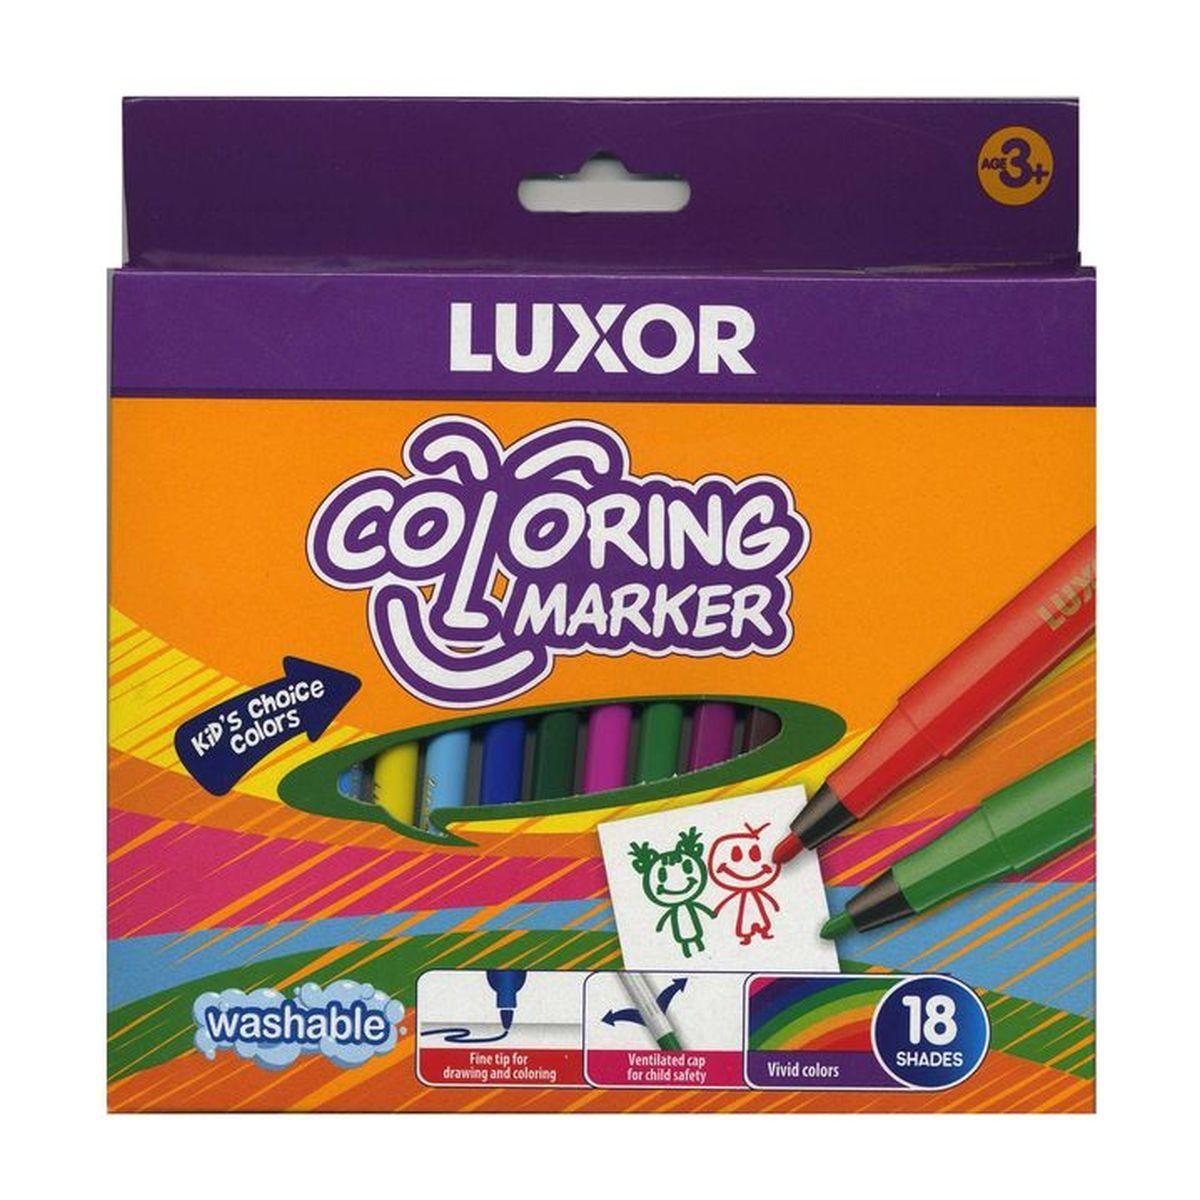 Luxor Набор фломастеров 18 шт6101/18BЯркий и практичный набор фломастеров Luxor с продуманной палитрой цветов, непременно понравится вашему юному художнику. Корпус из пластика предохраняет чернила от преждевременного высыхания, гарантирует длительный срок службы. Фломастеры подходят как для рисования, так и для письма. Толщина линии 0,8 мм. Набор содержит 18 фломастеров ярких насыщенных цветов.